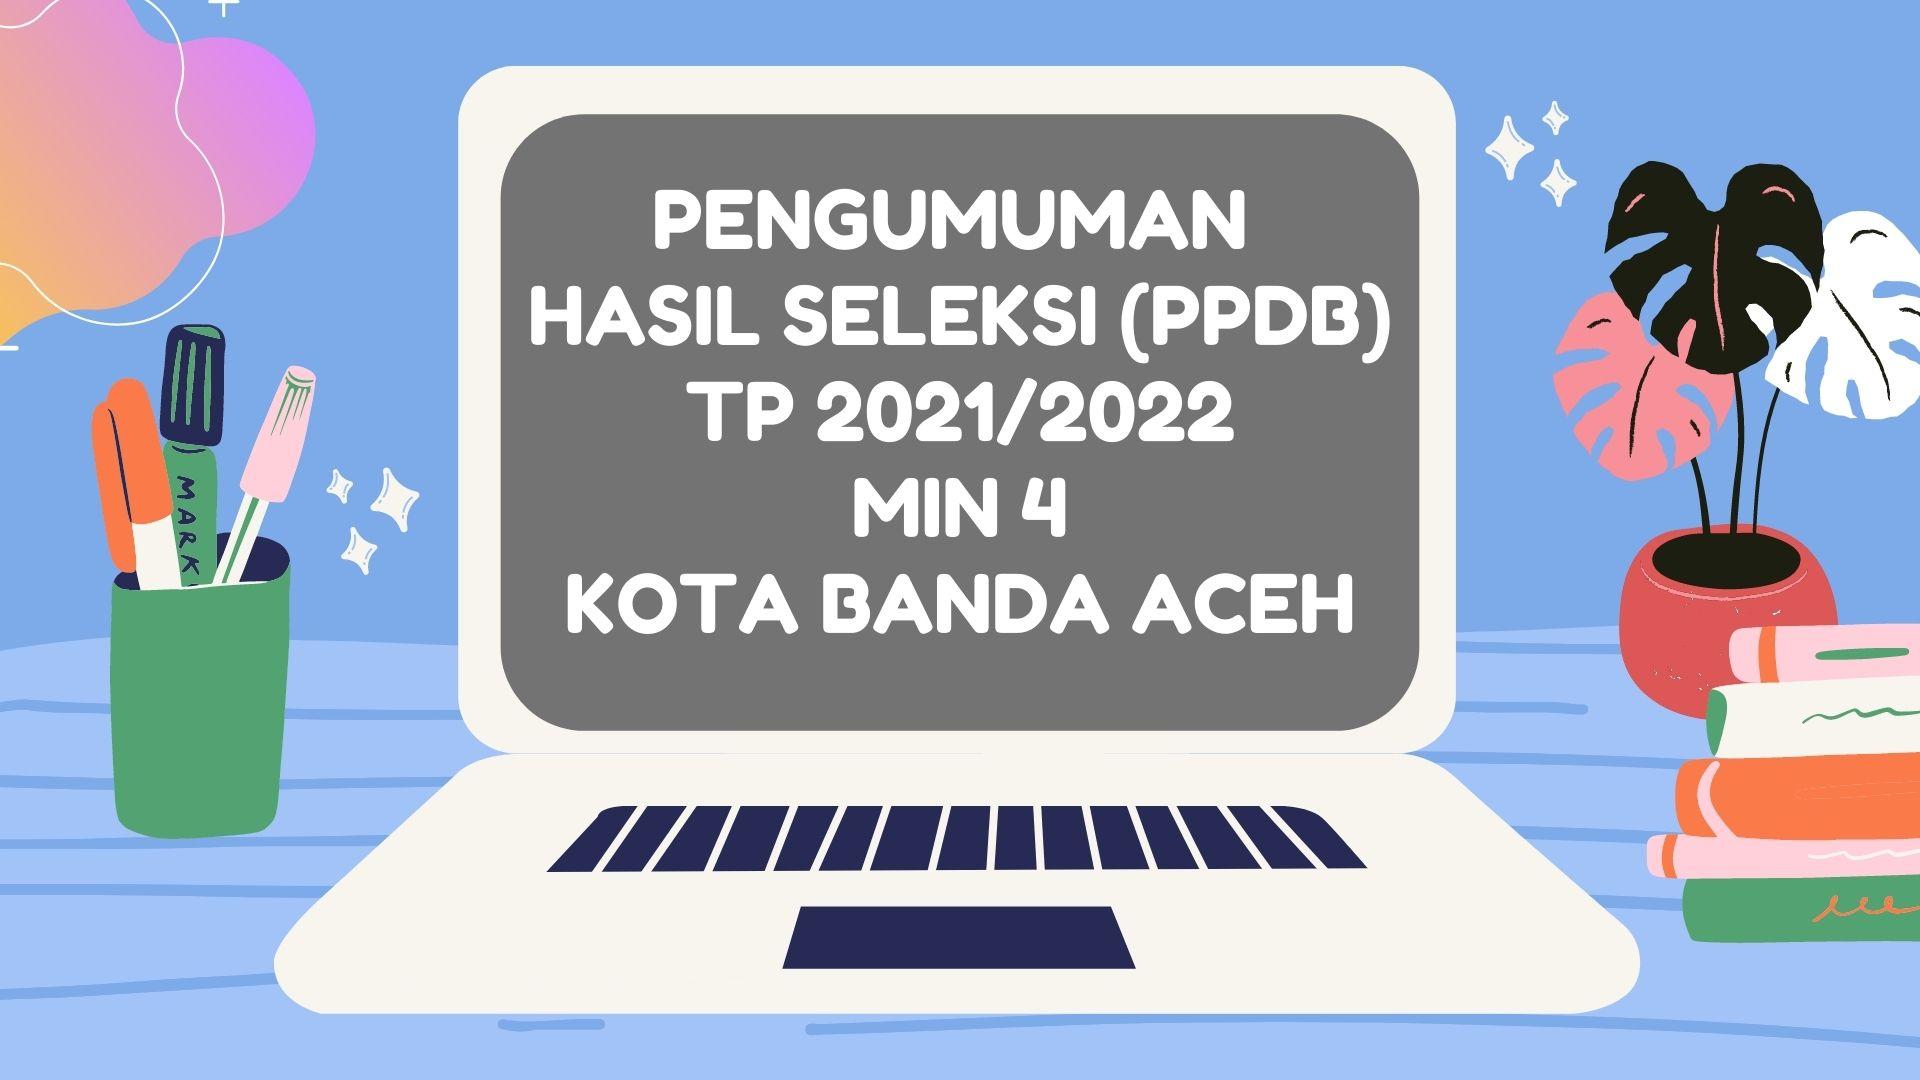 Pengumuman Hasil Seleksi Ppdb Tahun 2021 Min 4 Kota Banda Aceh